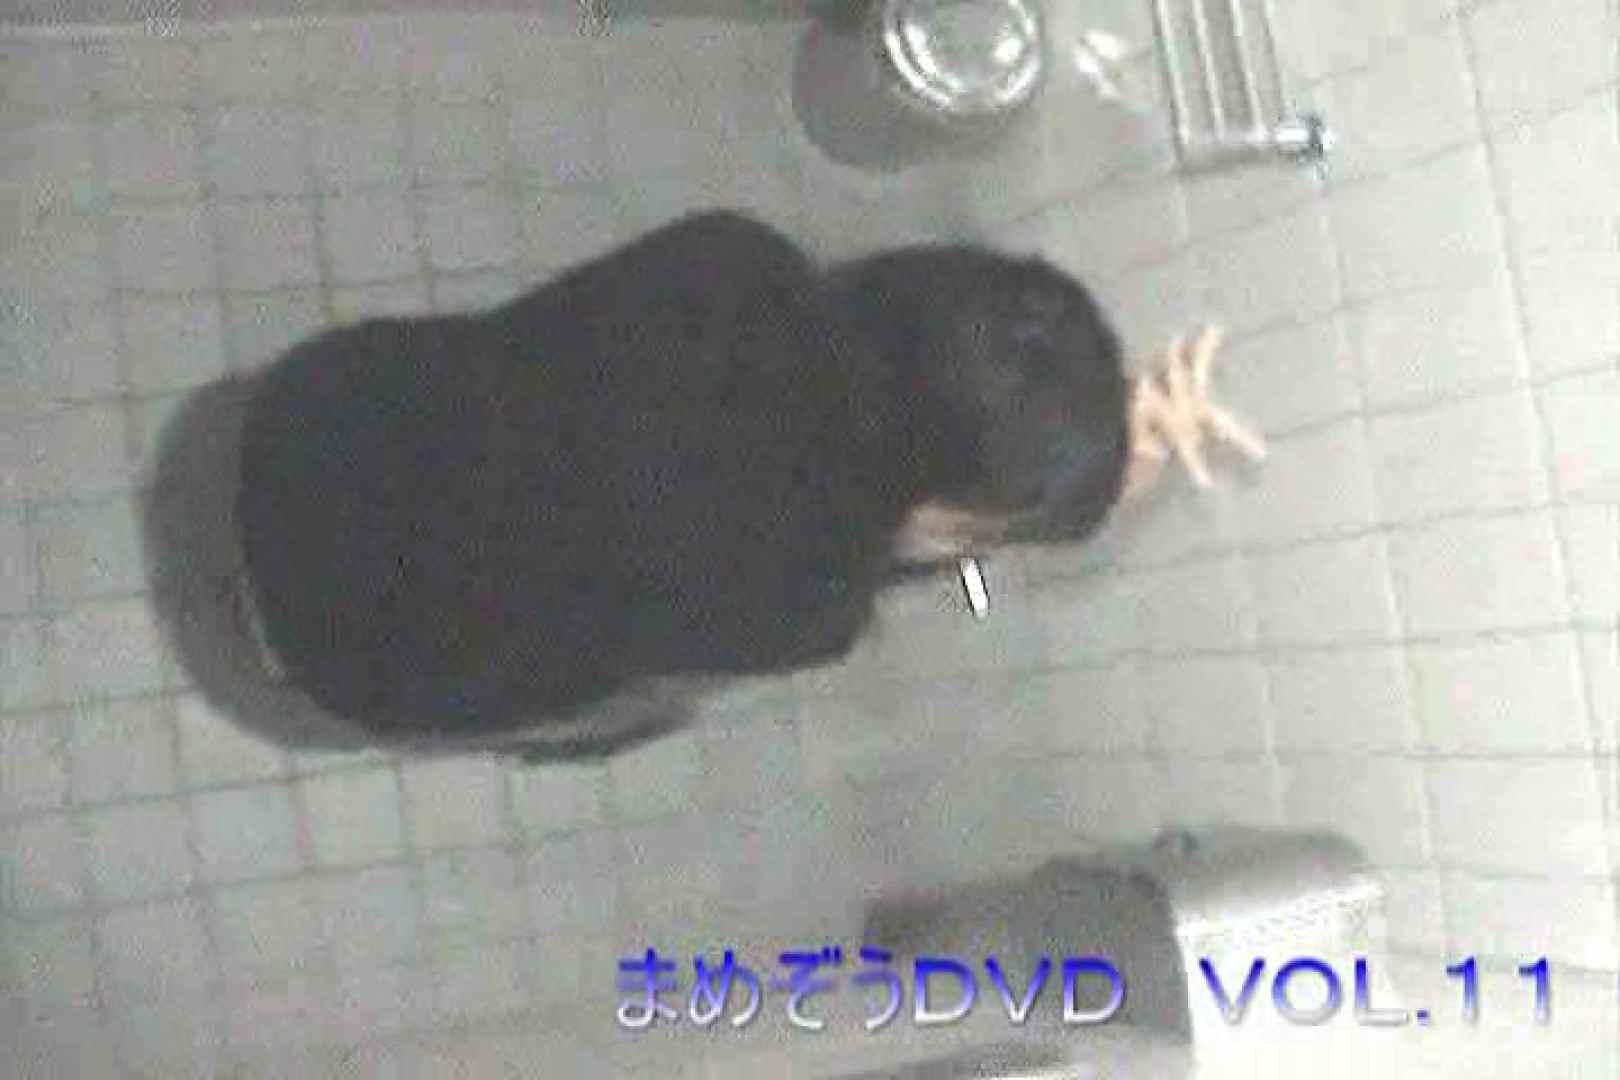 まめぞうDVD完全版VOL.11 ギャル  57pic 54